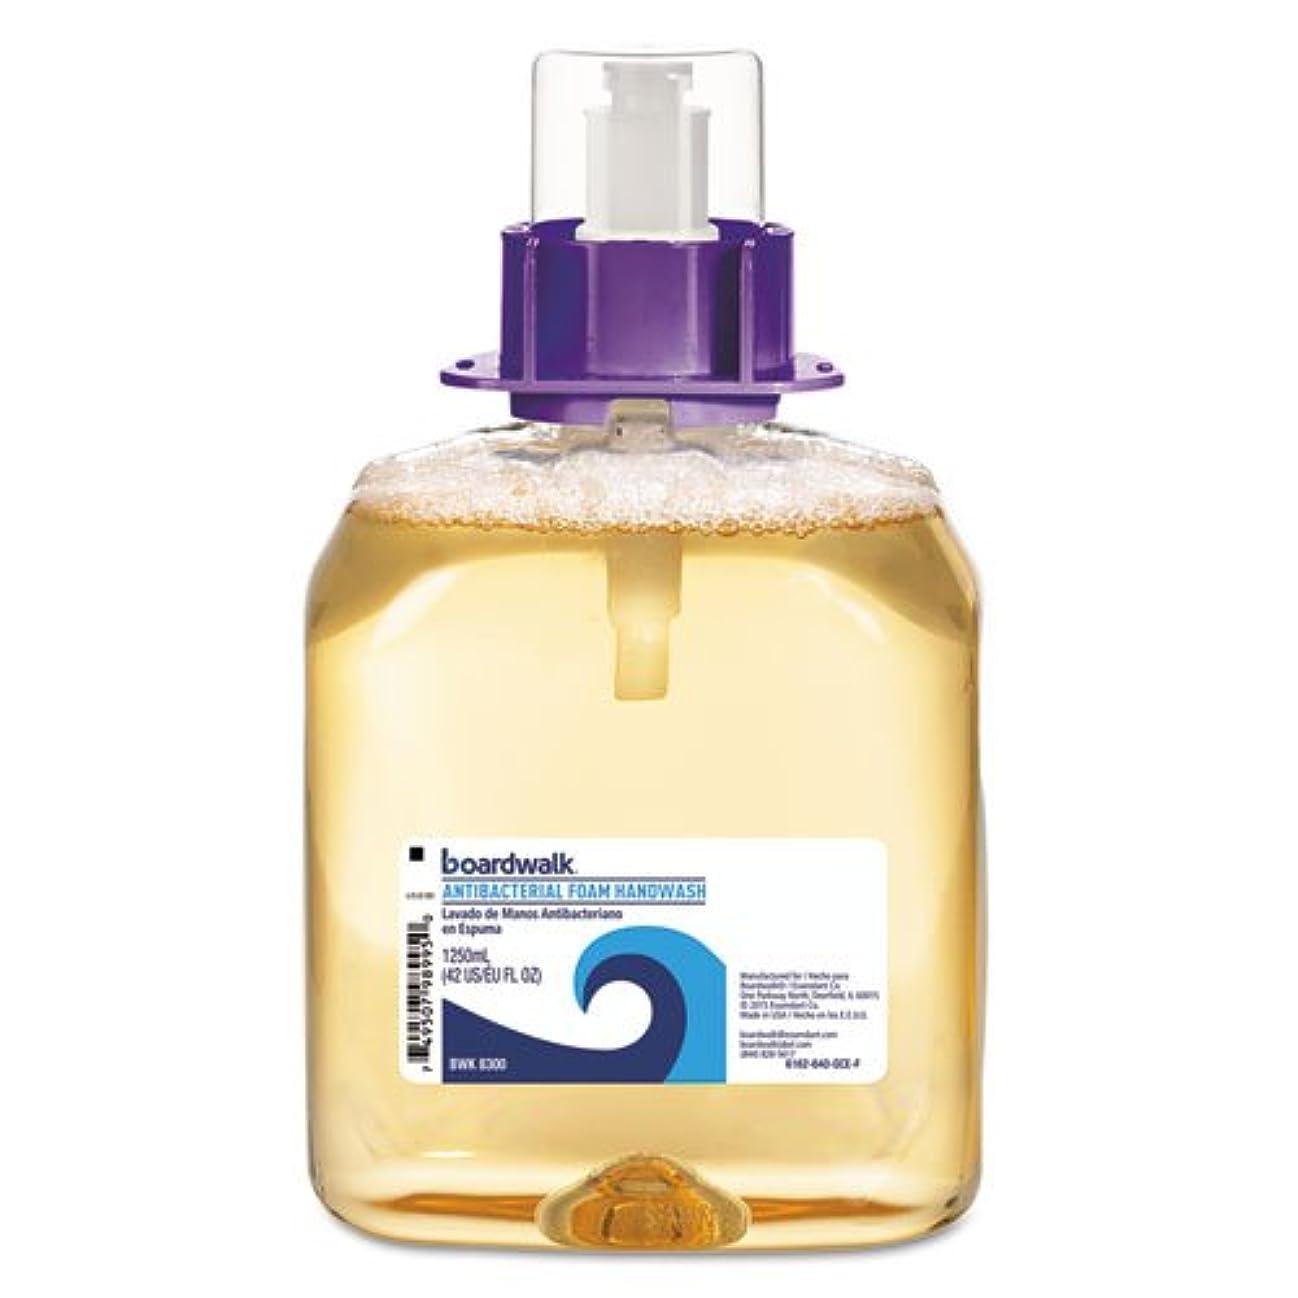 フェザー政策見積りbwk8300 – Foam Antibacterial Handwash